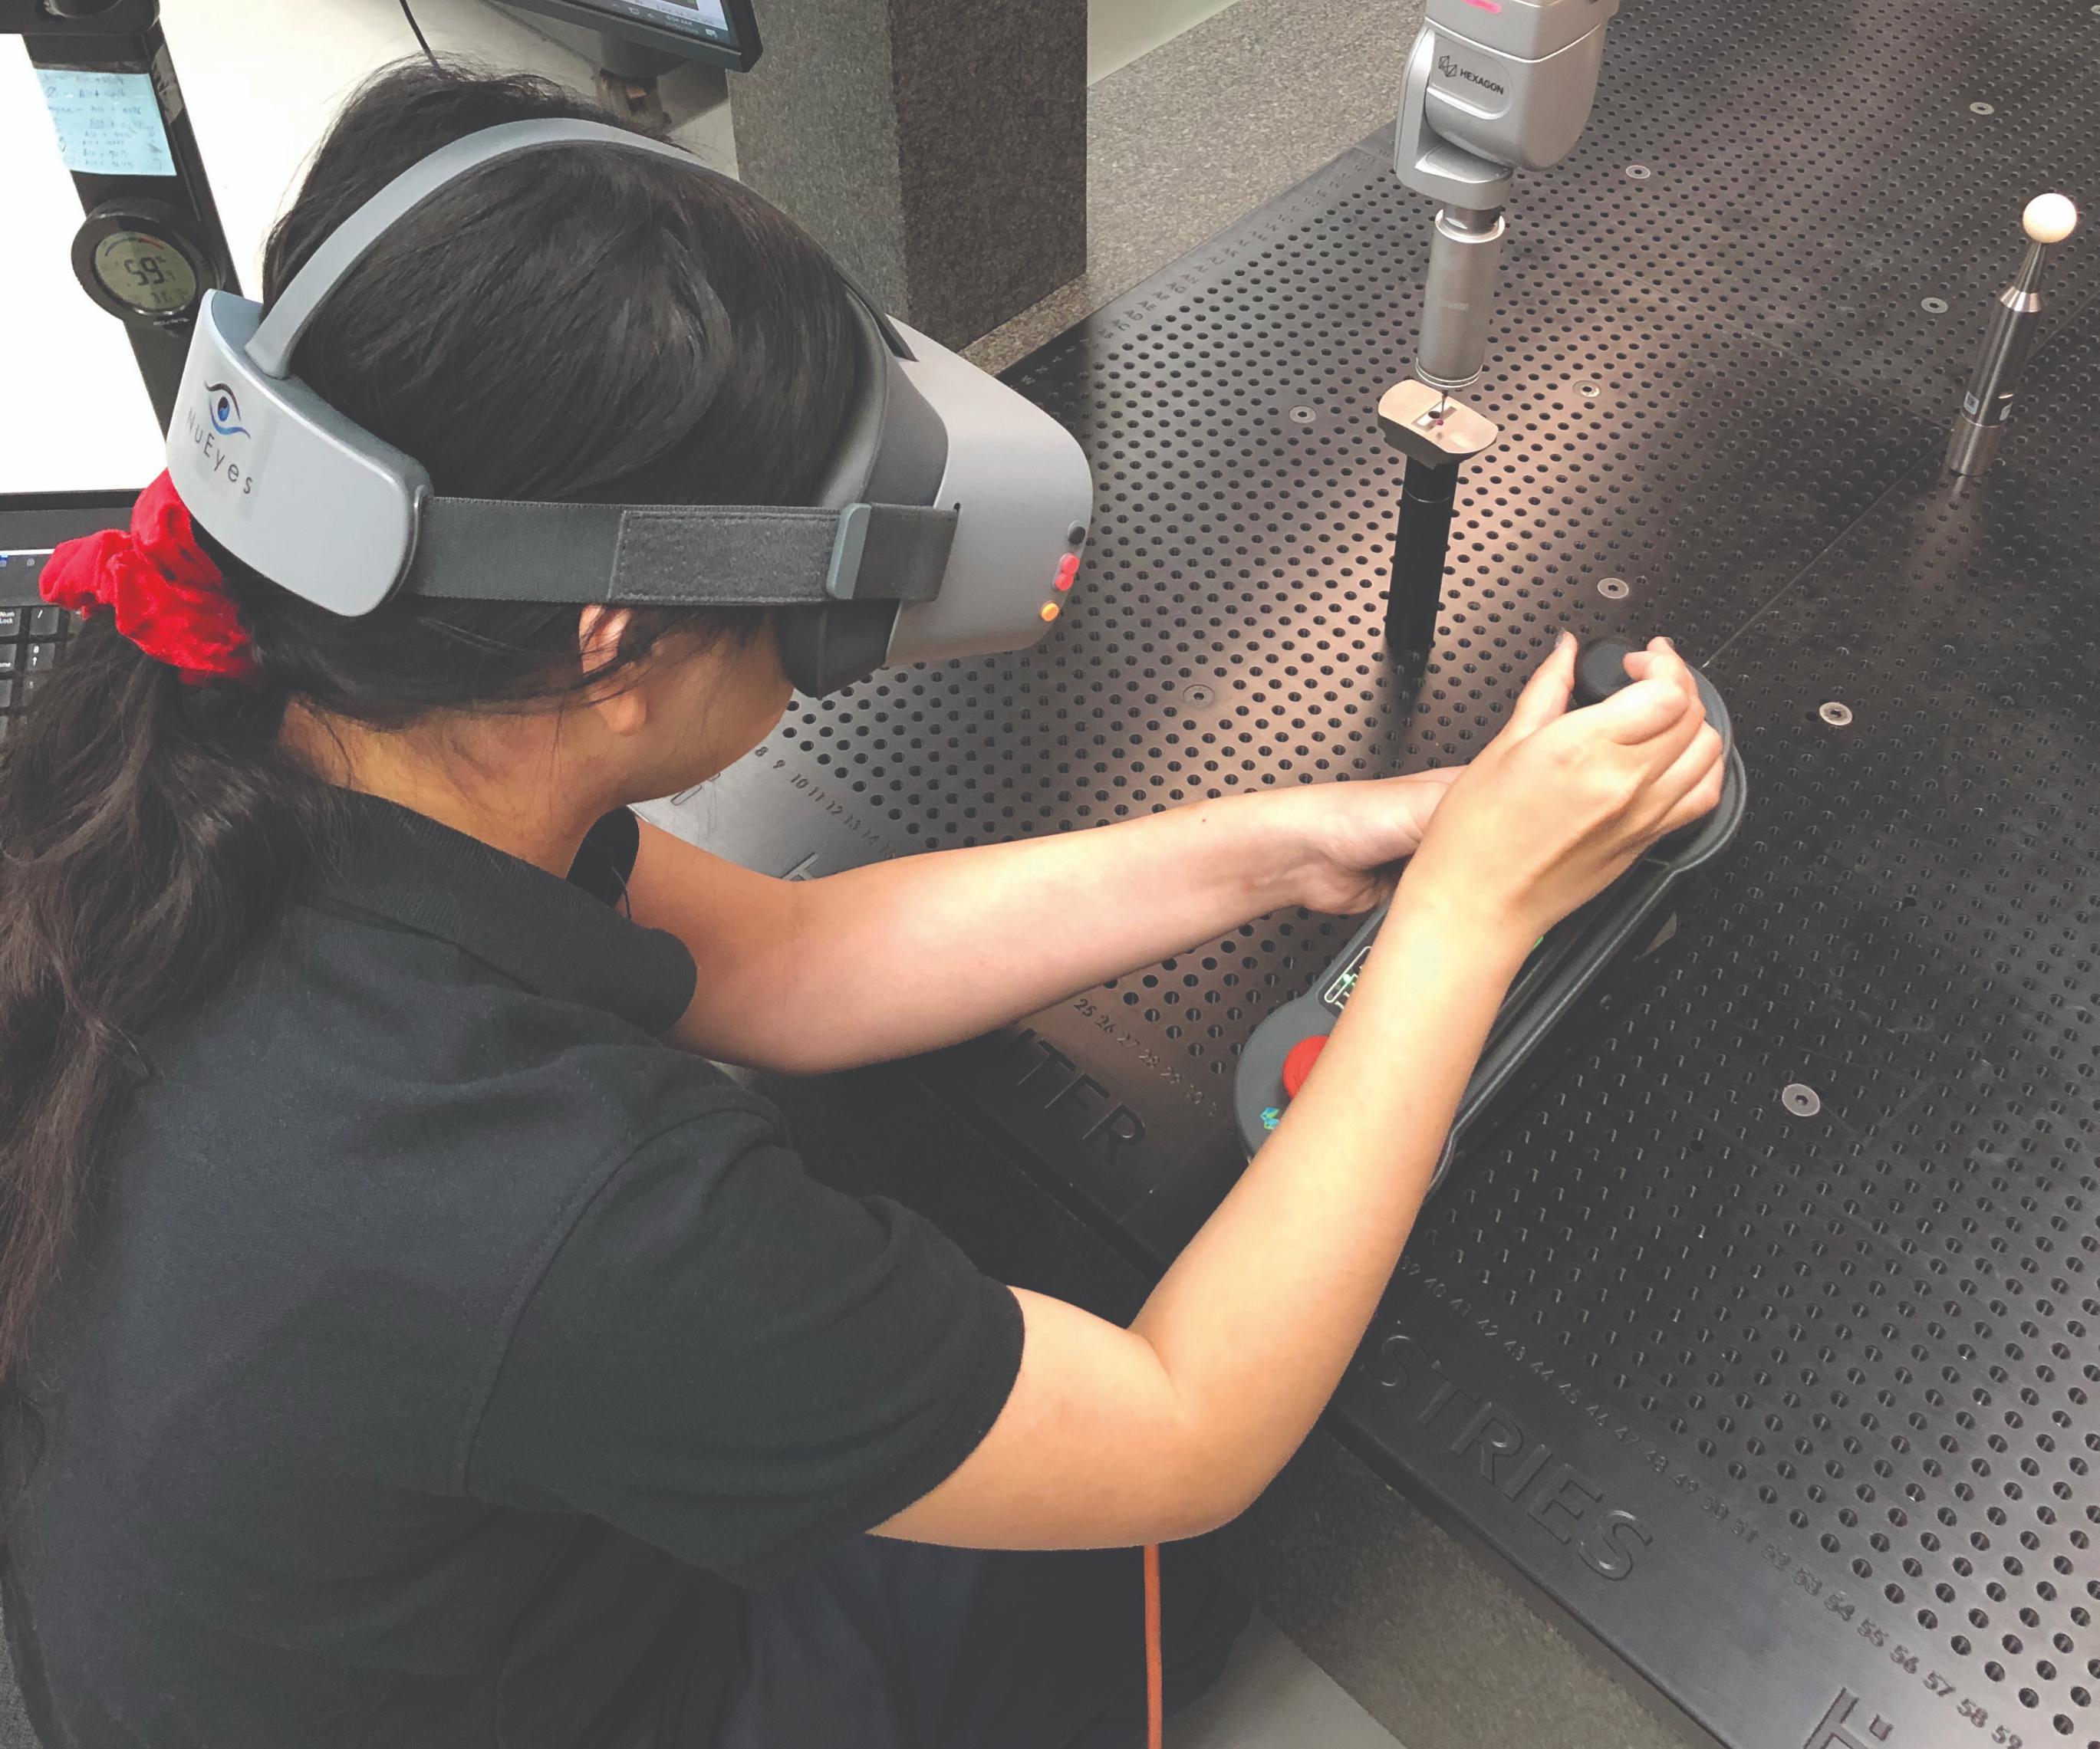 Tia Bertz, de QC Tech, quien es prácticamente ciega, necesitaba acercarse mucho a la parte y la sonda cuando usaba la CMM de Hastreiter Industries. Ya no tiene que hacer eso usando las gafas de realidad virtual con cámara integrada.